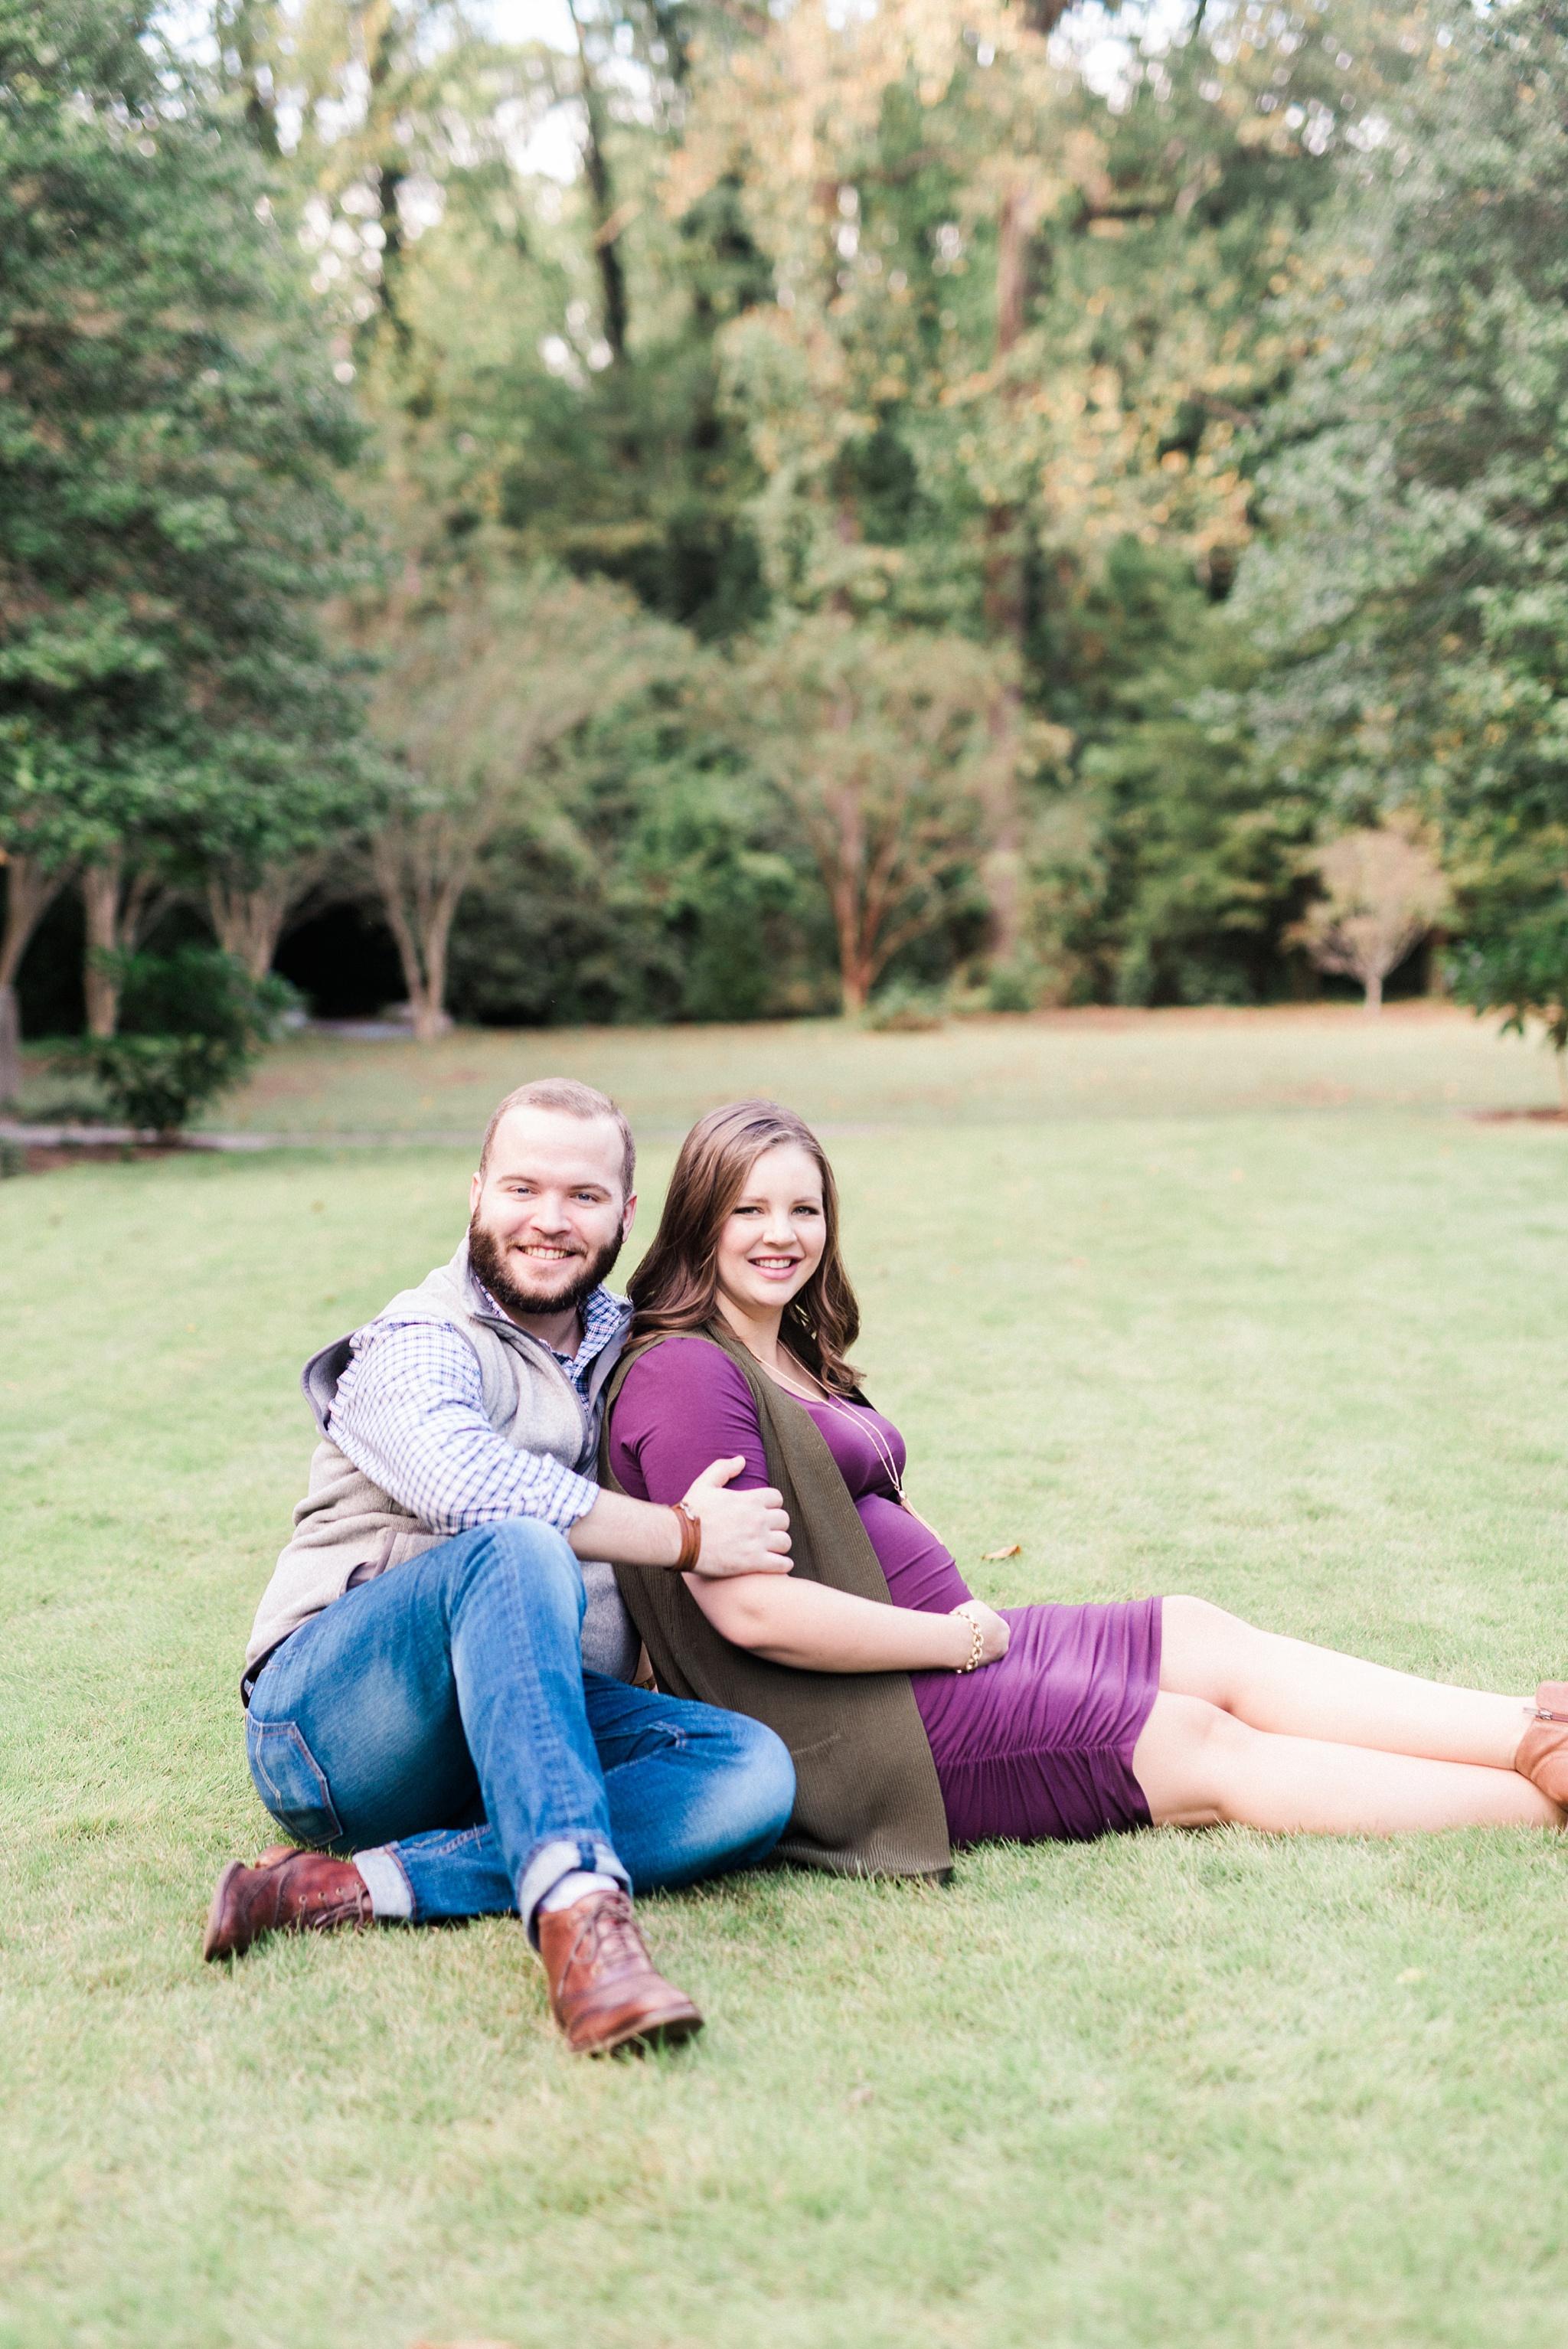 cator-woolforld-gardens-atlanta-fine-art-maternity-photographer-boltfamily-65.jpg